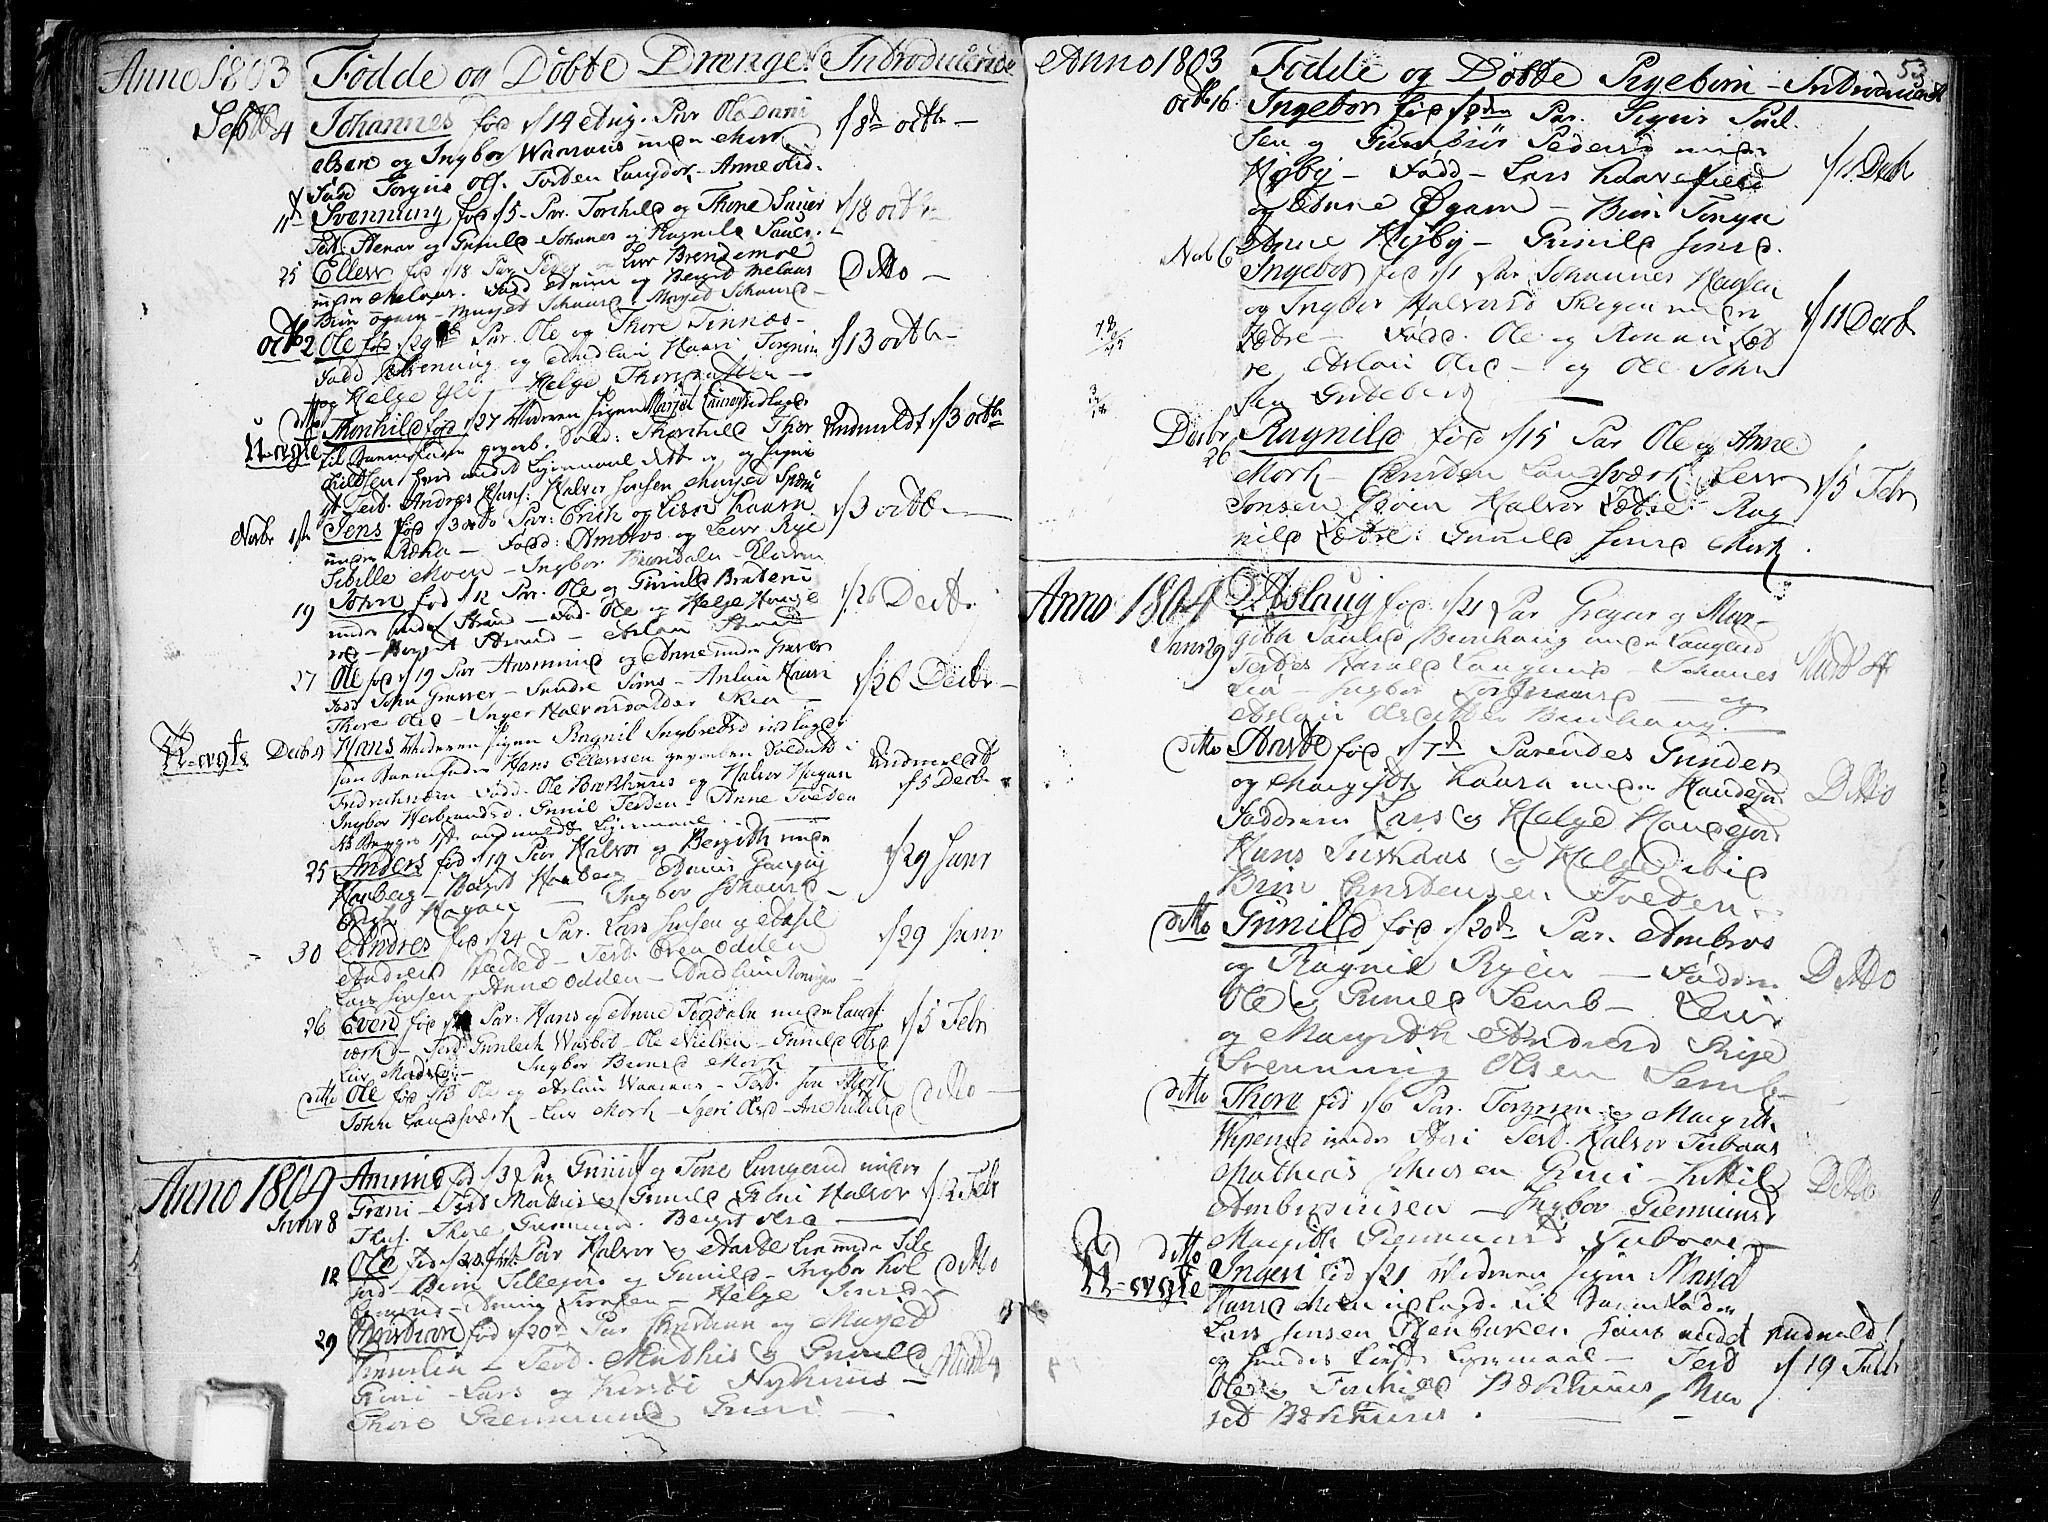 SAKO, Heddal kirkebøker, F/Fa/L0004: Ministerialbok nr. I 4, 1784-1814, s. 53